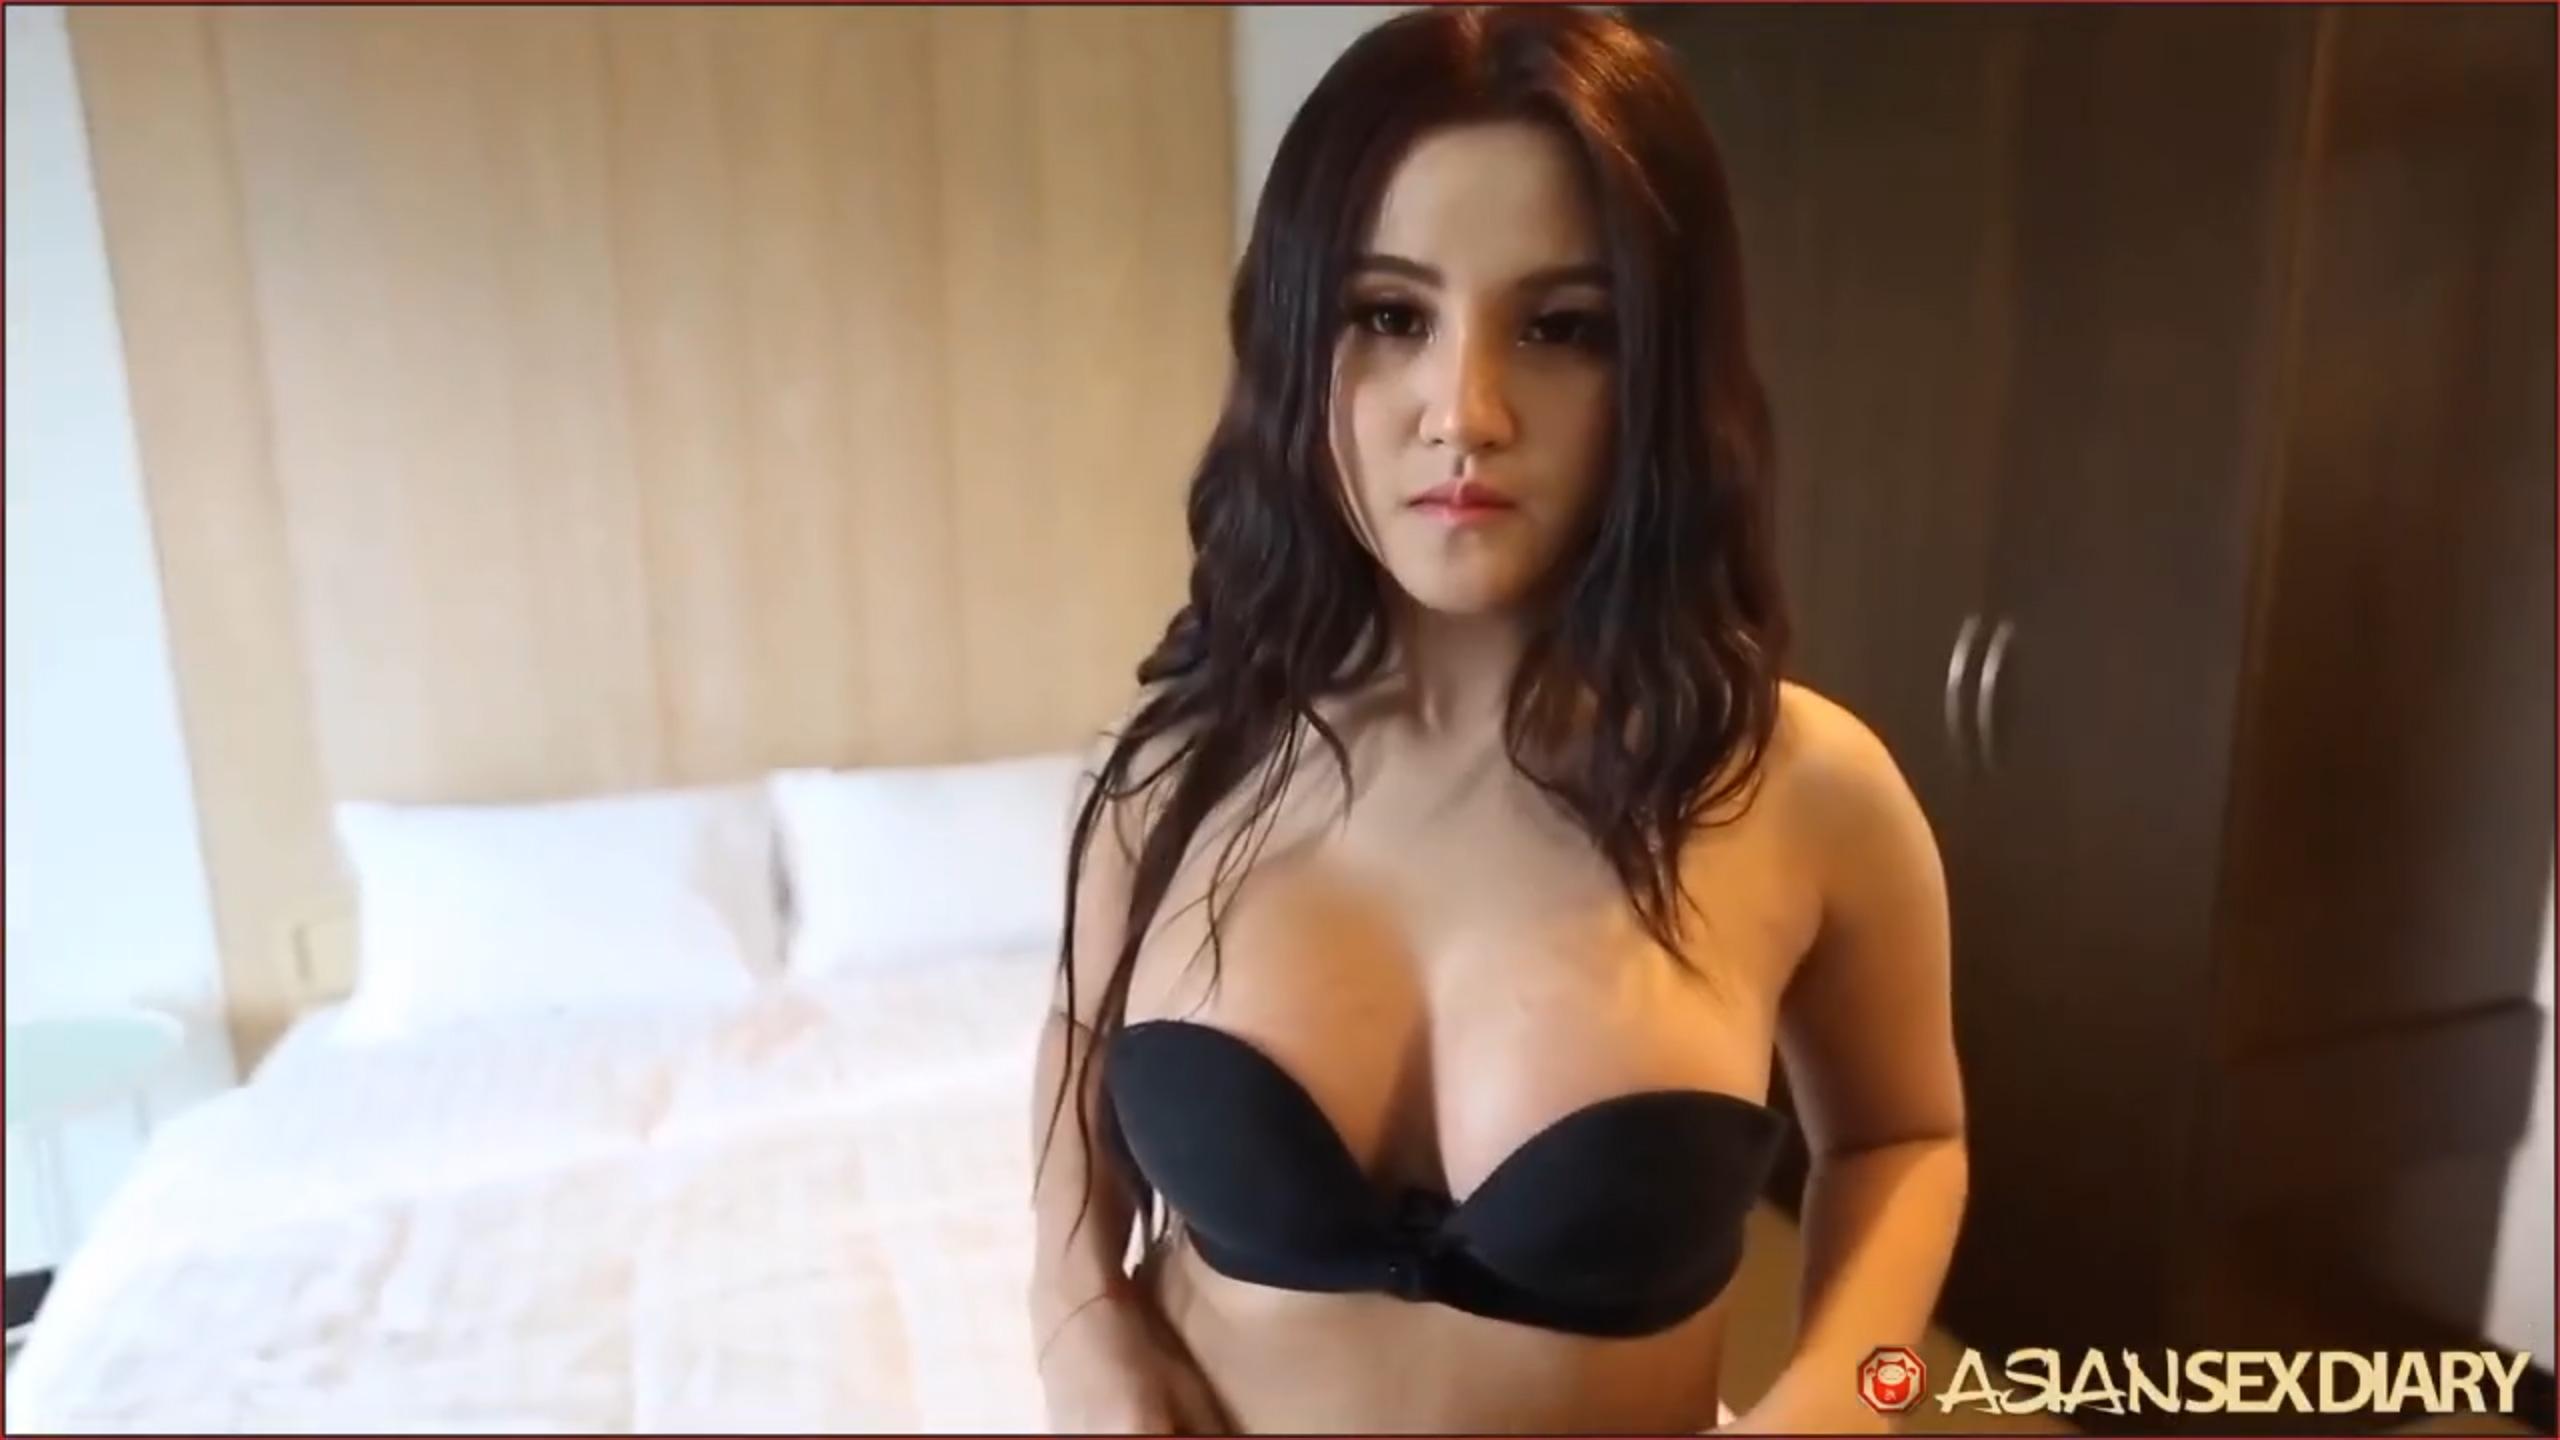 ดูหนังโป๊ออนไลน์ฟรี Asiansexdiary – Zin [ซิน] ครางเสียว